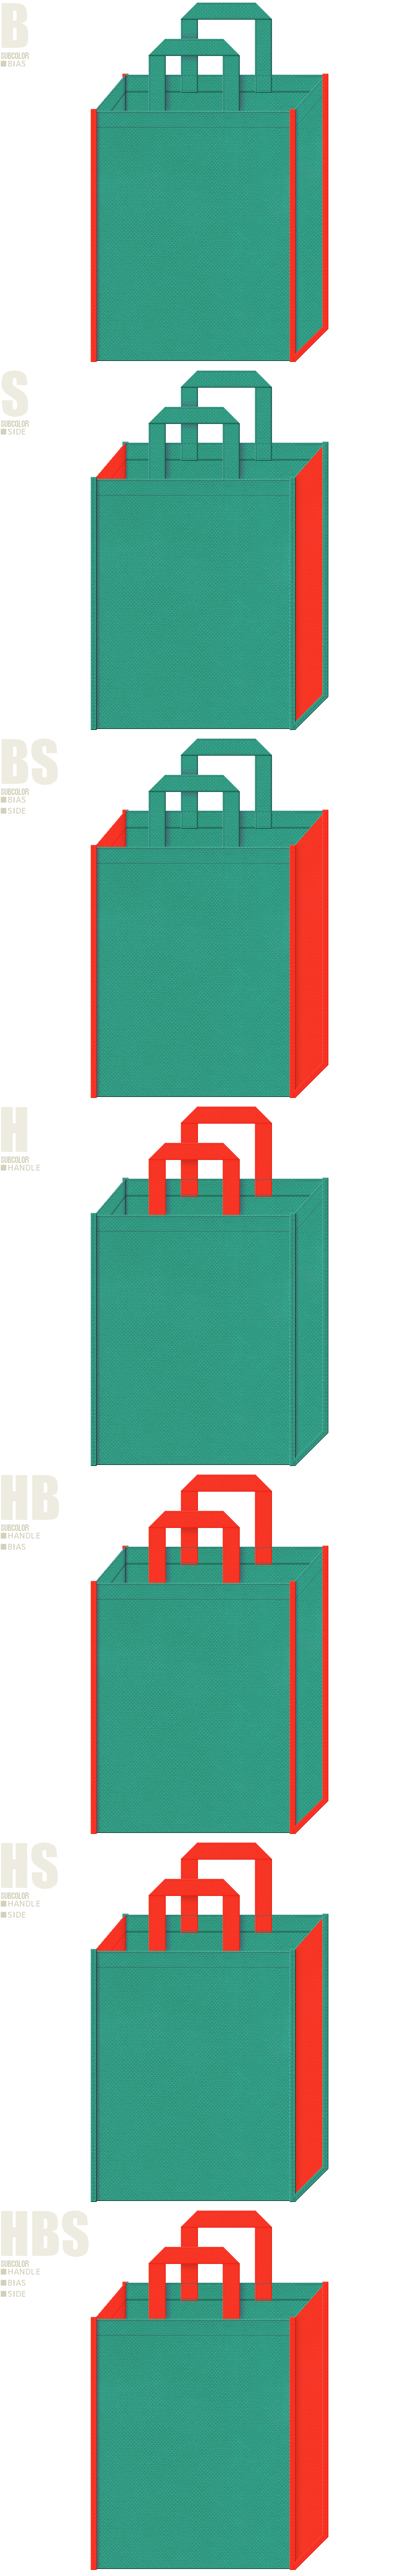 青緑色とオレンジ色、7パターンの不織布トートバッグ配色デザイン例。